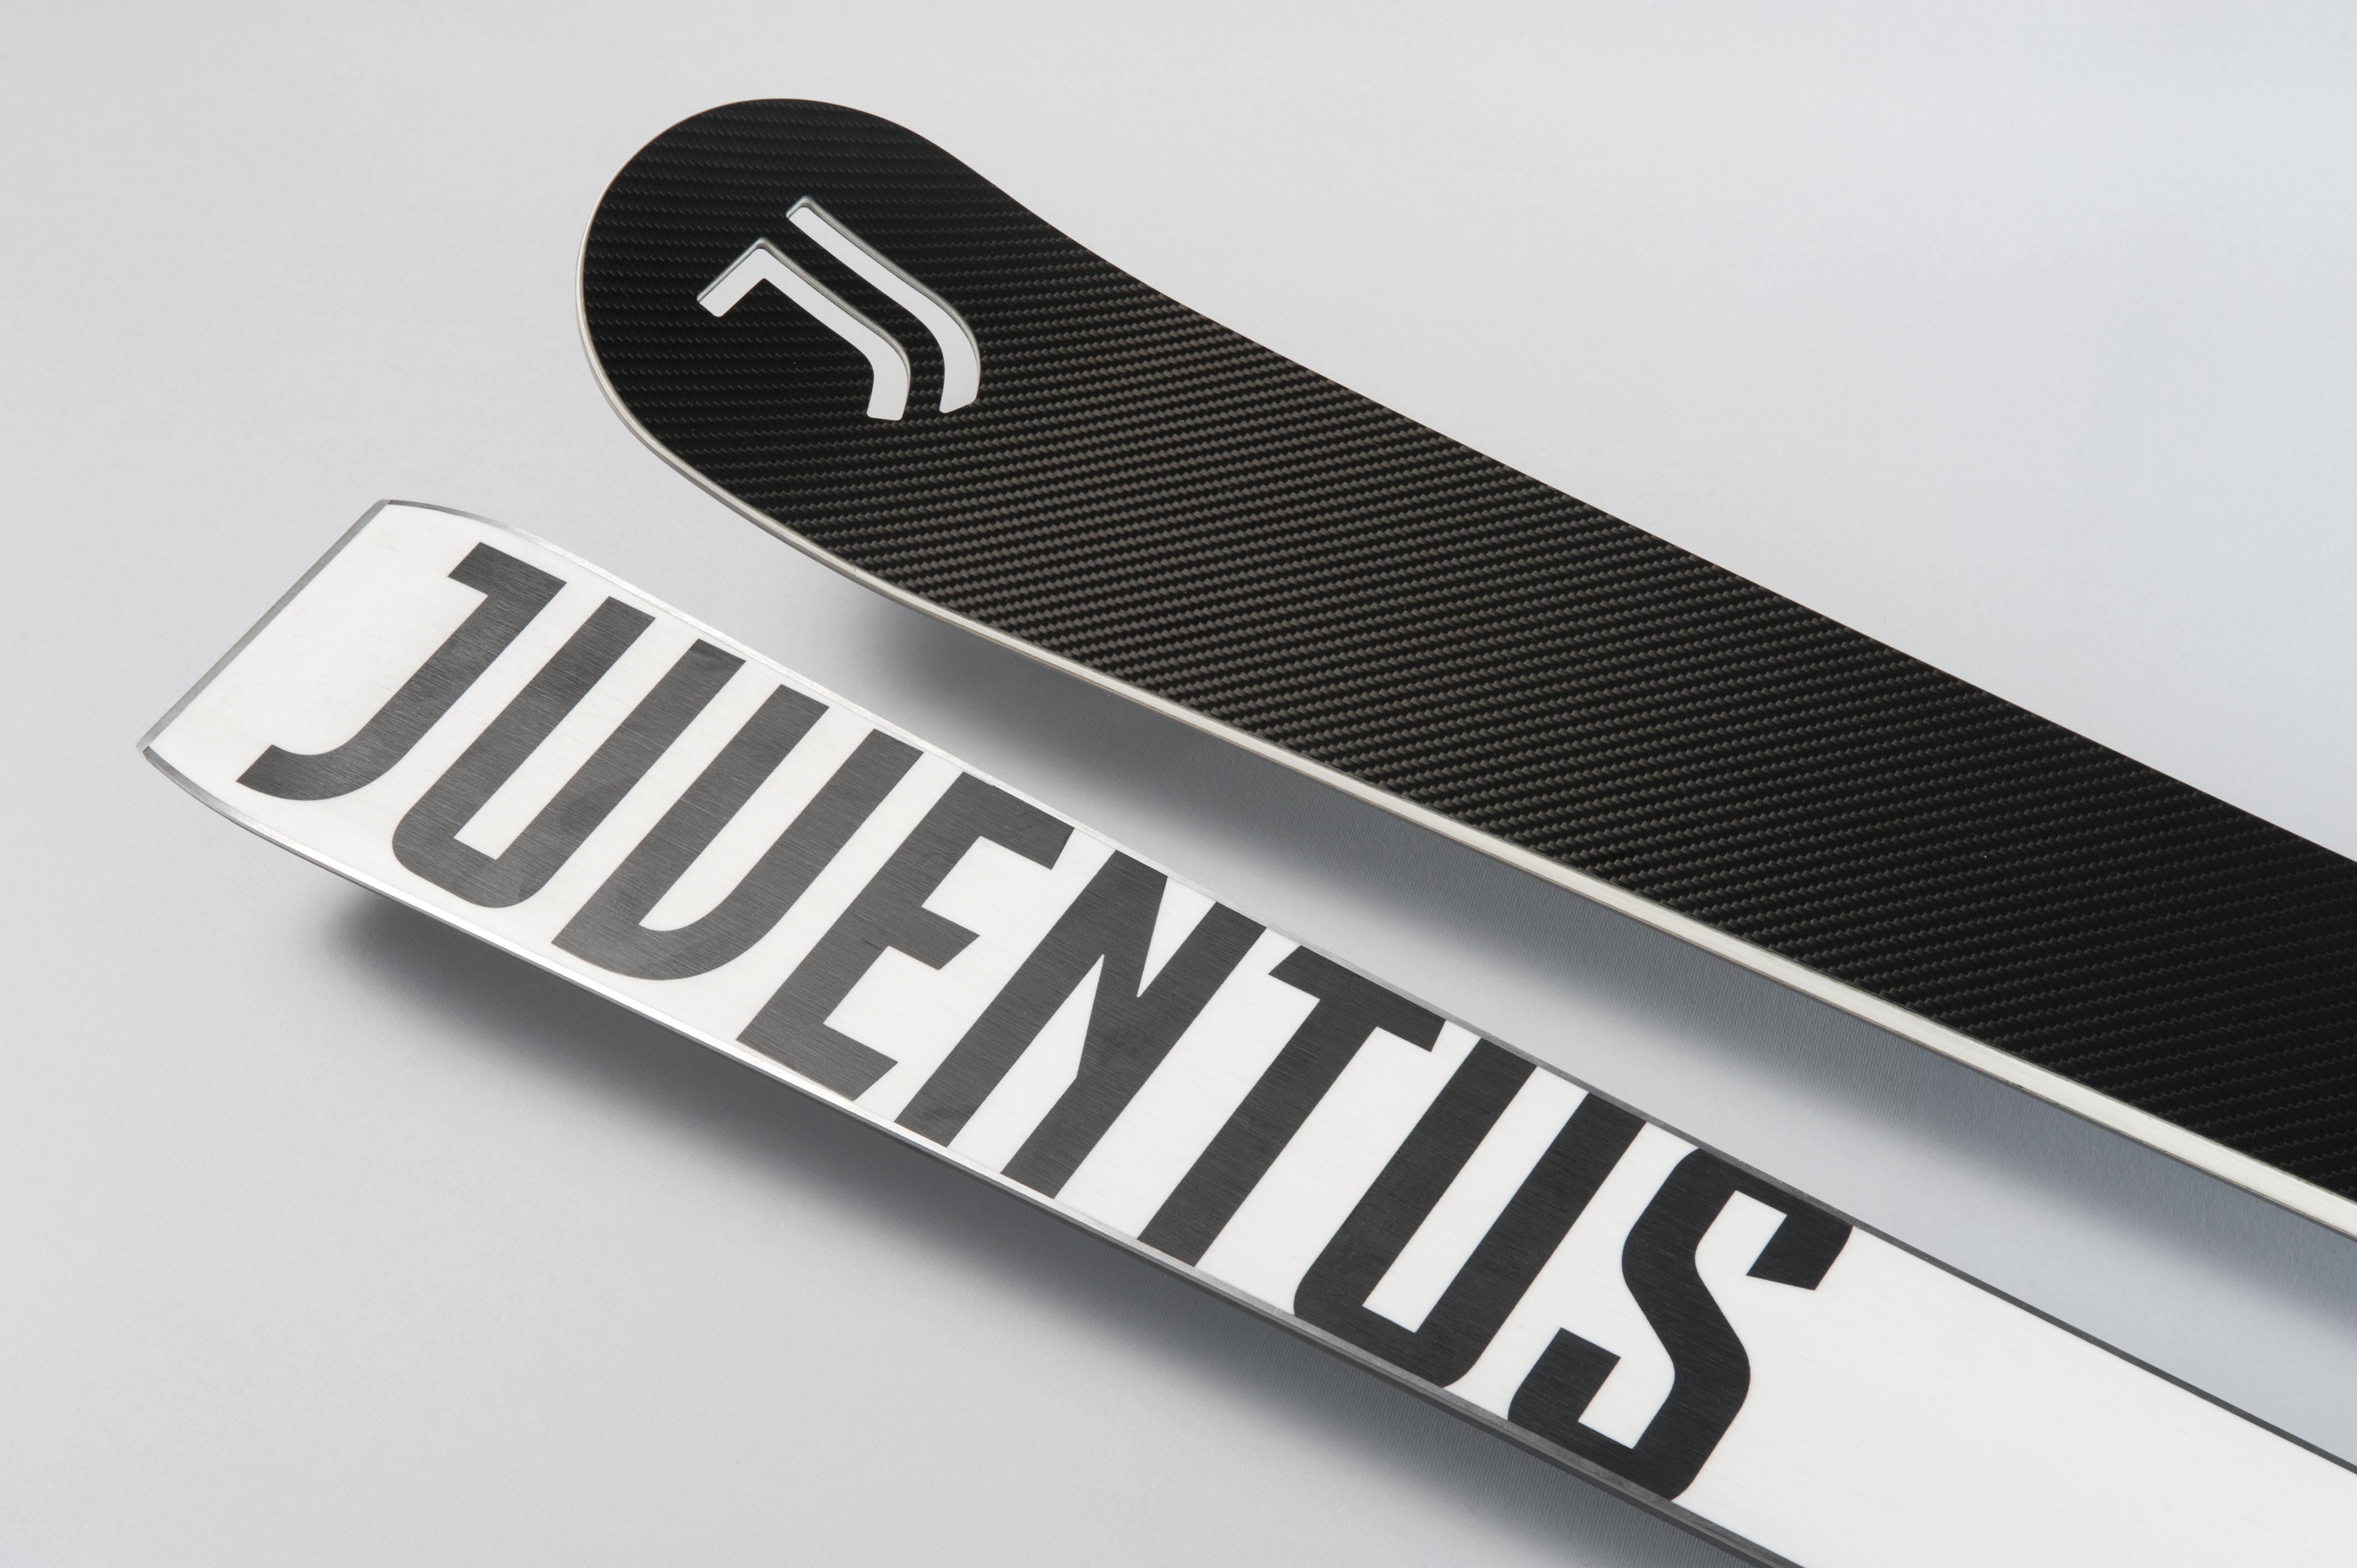 Juventus Skis Front and Back - Interbrand Milan